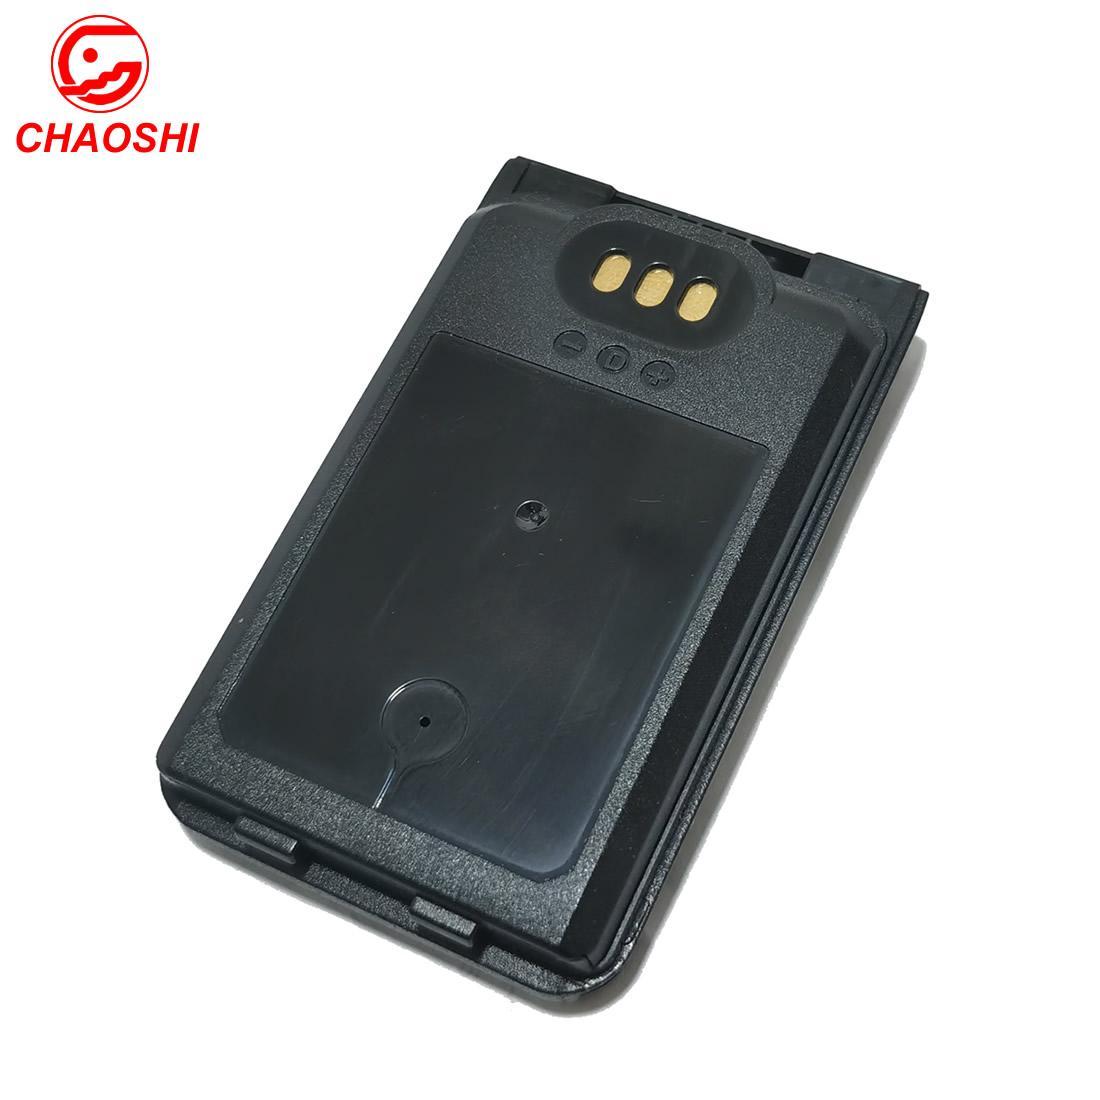 BP294對講機電池 IC-F52D, IC-F62D, IC-M85 3